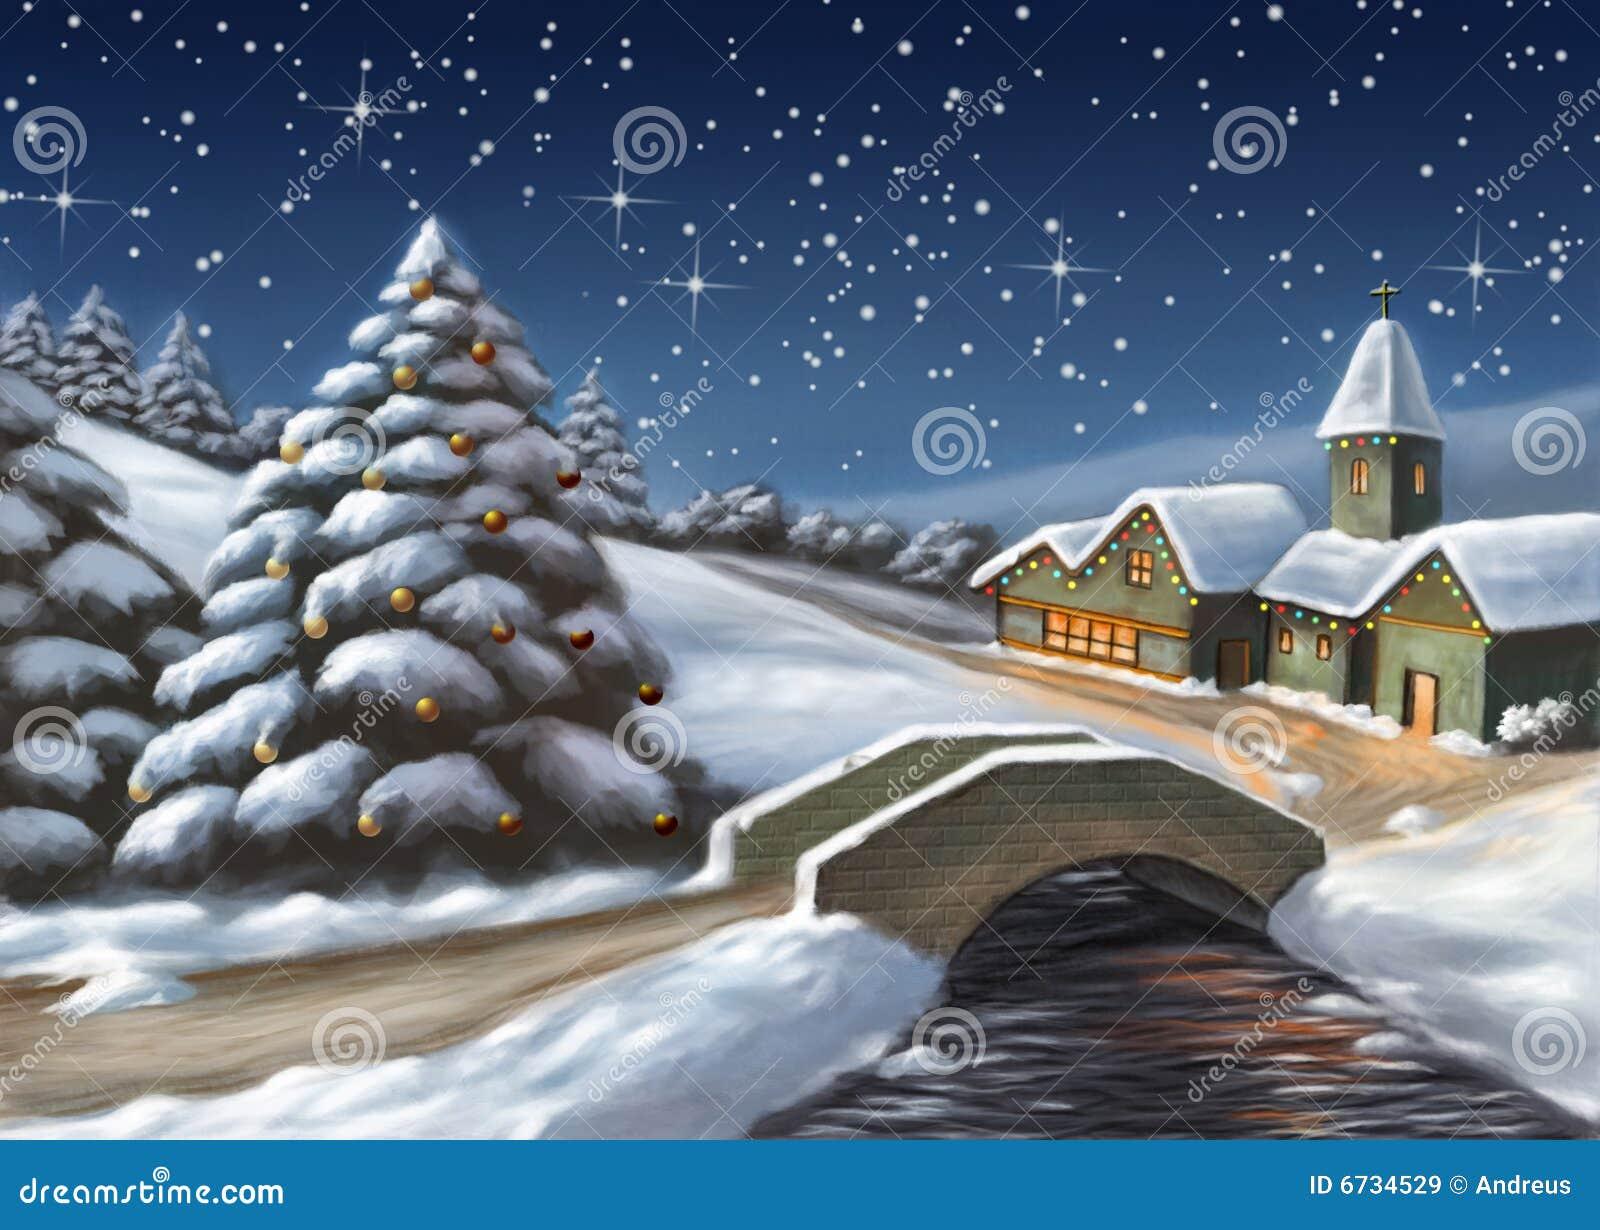 Paesaggi Di Natale.Paesaggio Di Natale Illustrazione Di Stock Illustrazione Di